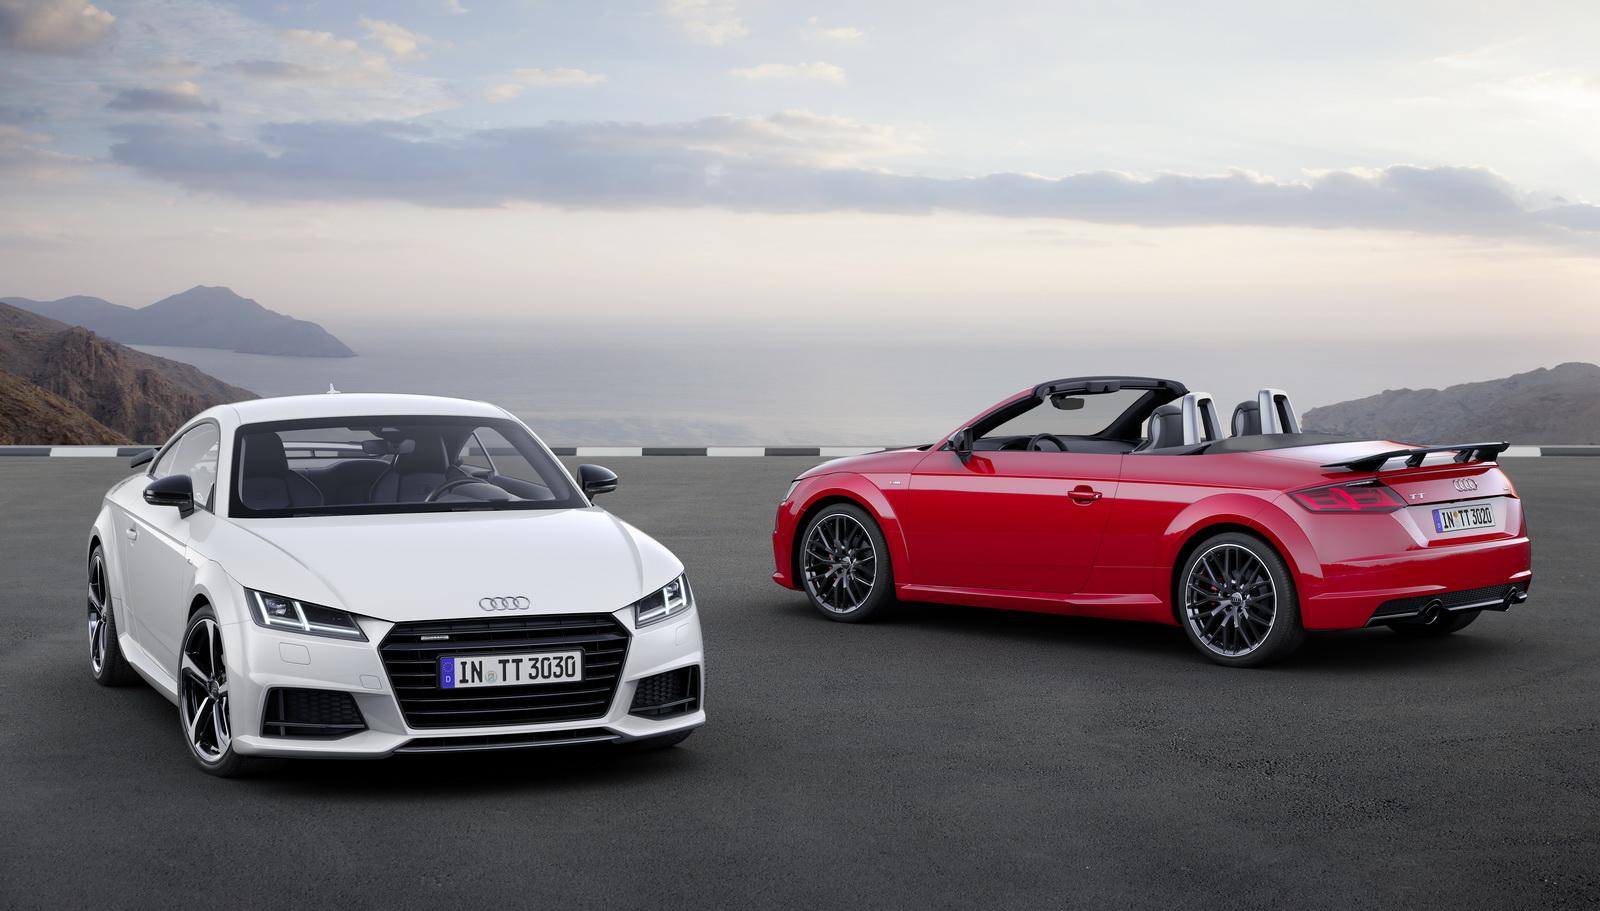 Audi TT Coupé S line competition Static photo, Colour: Glacier WhiteAudi TT Roadster S line competition Static photo, Colour: Tango Red